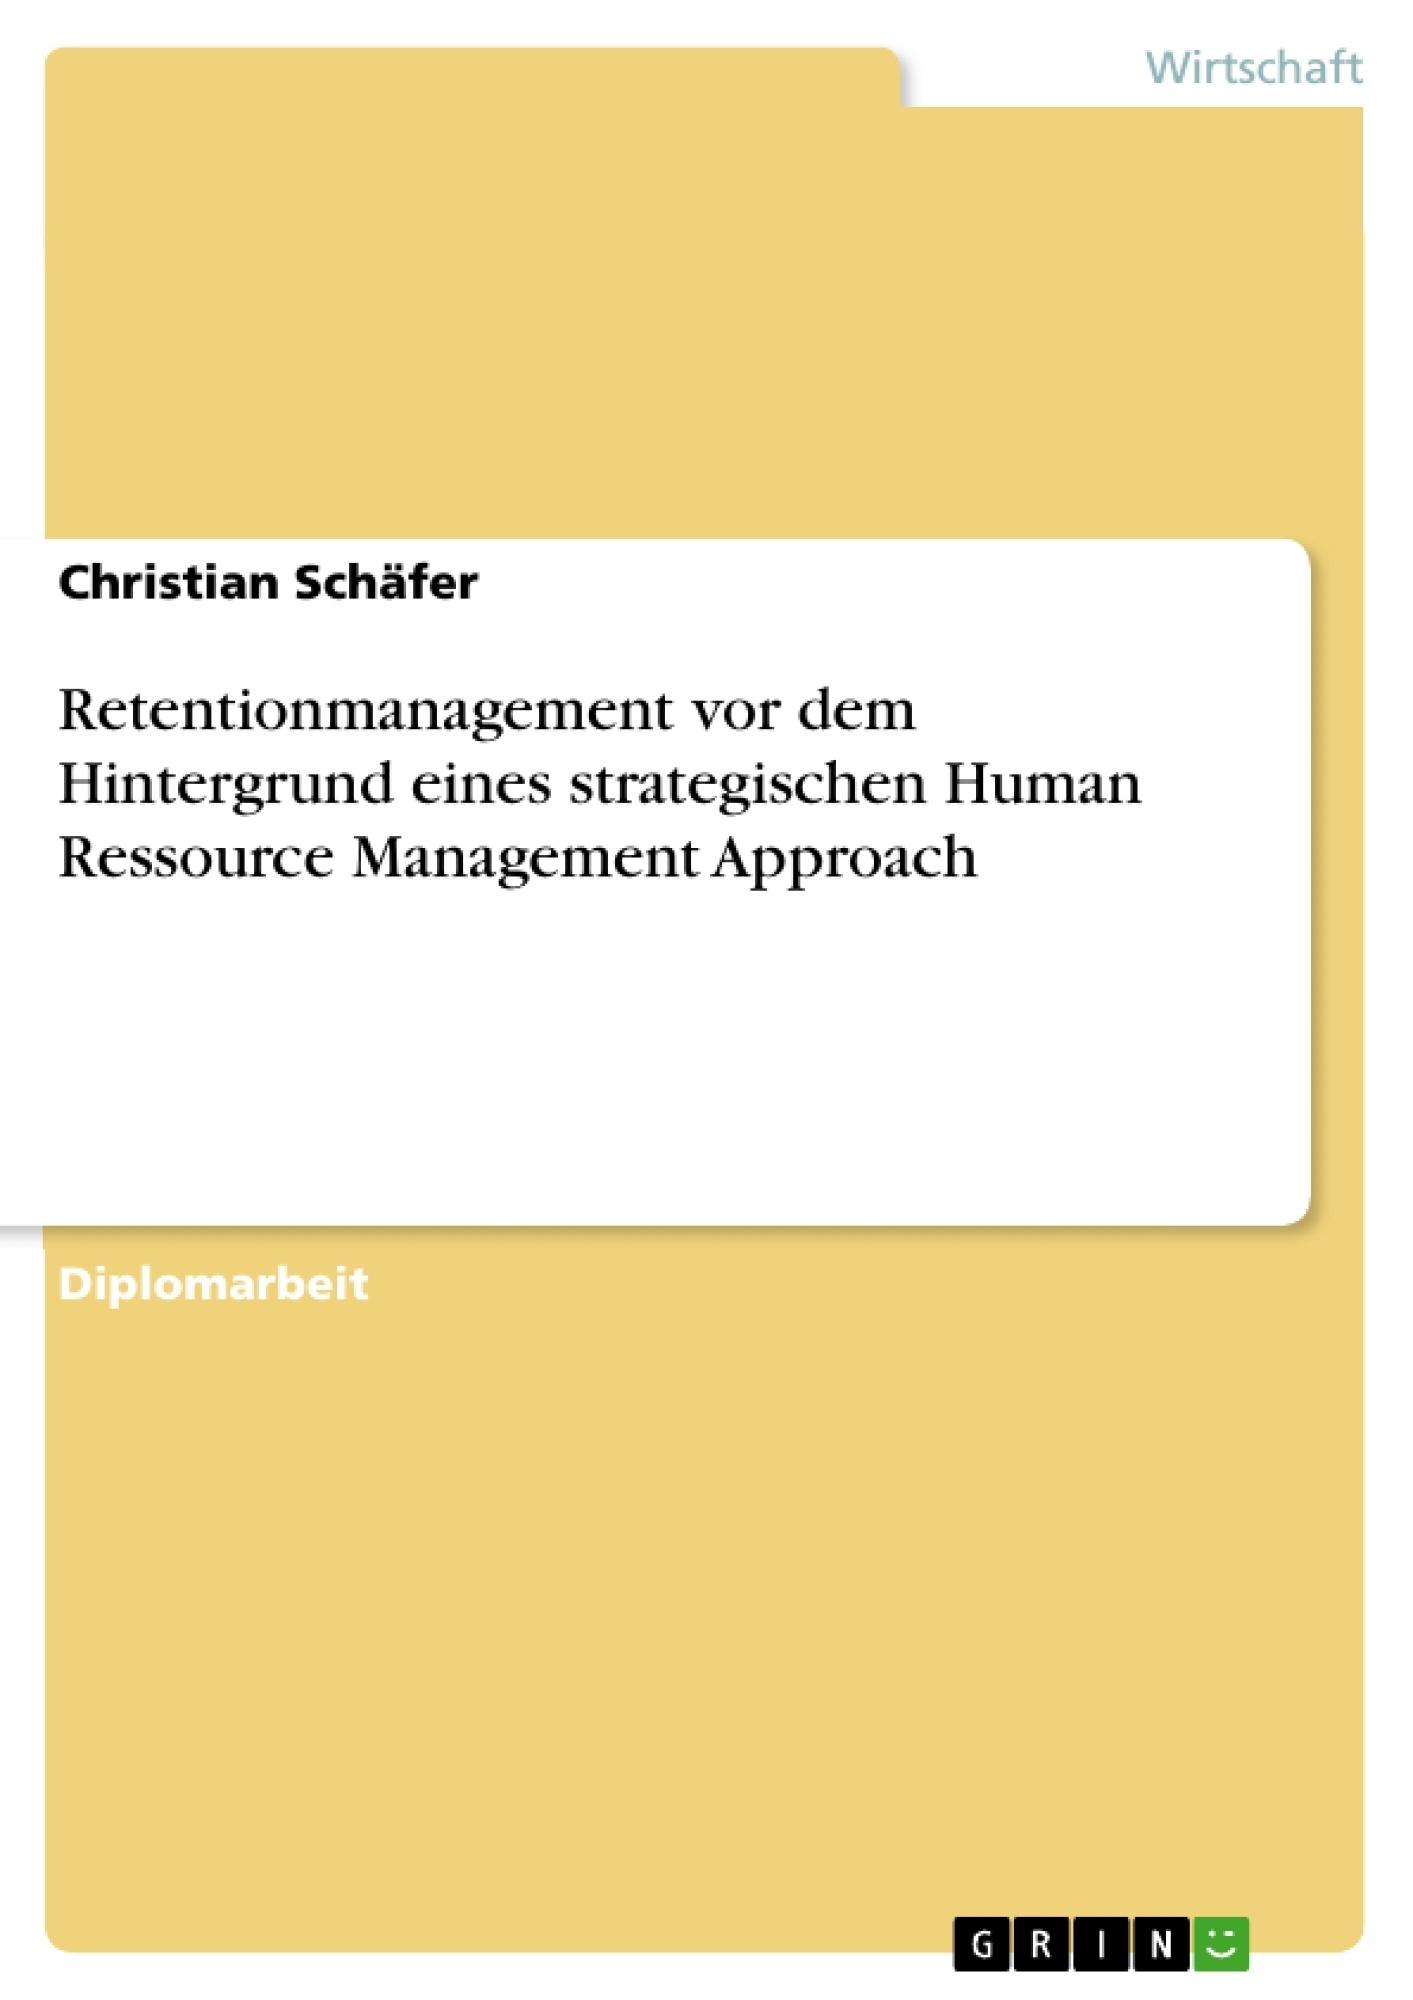 Titel: Retentionmanagement vor dem Hintergrund eines strategischen Human Ressource Management Approach